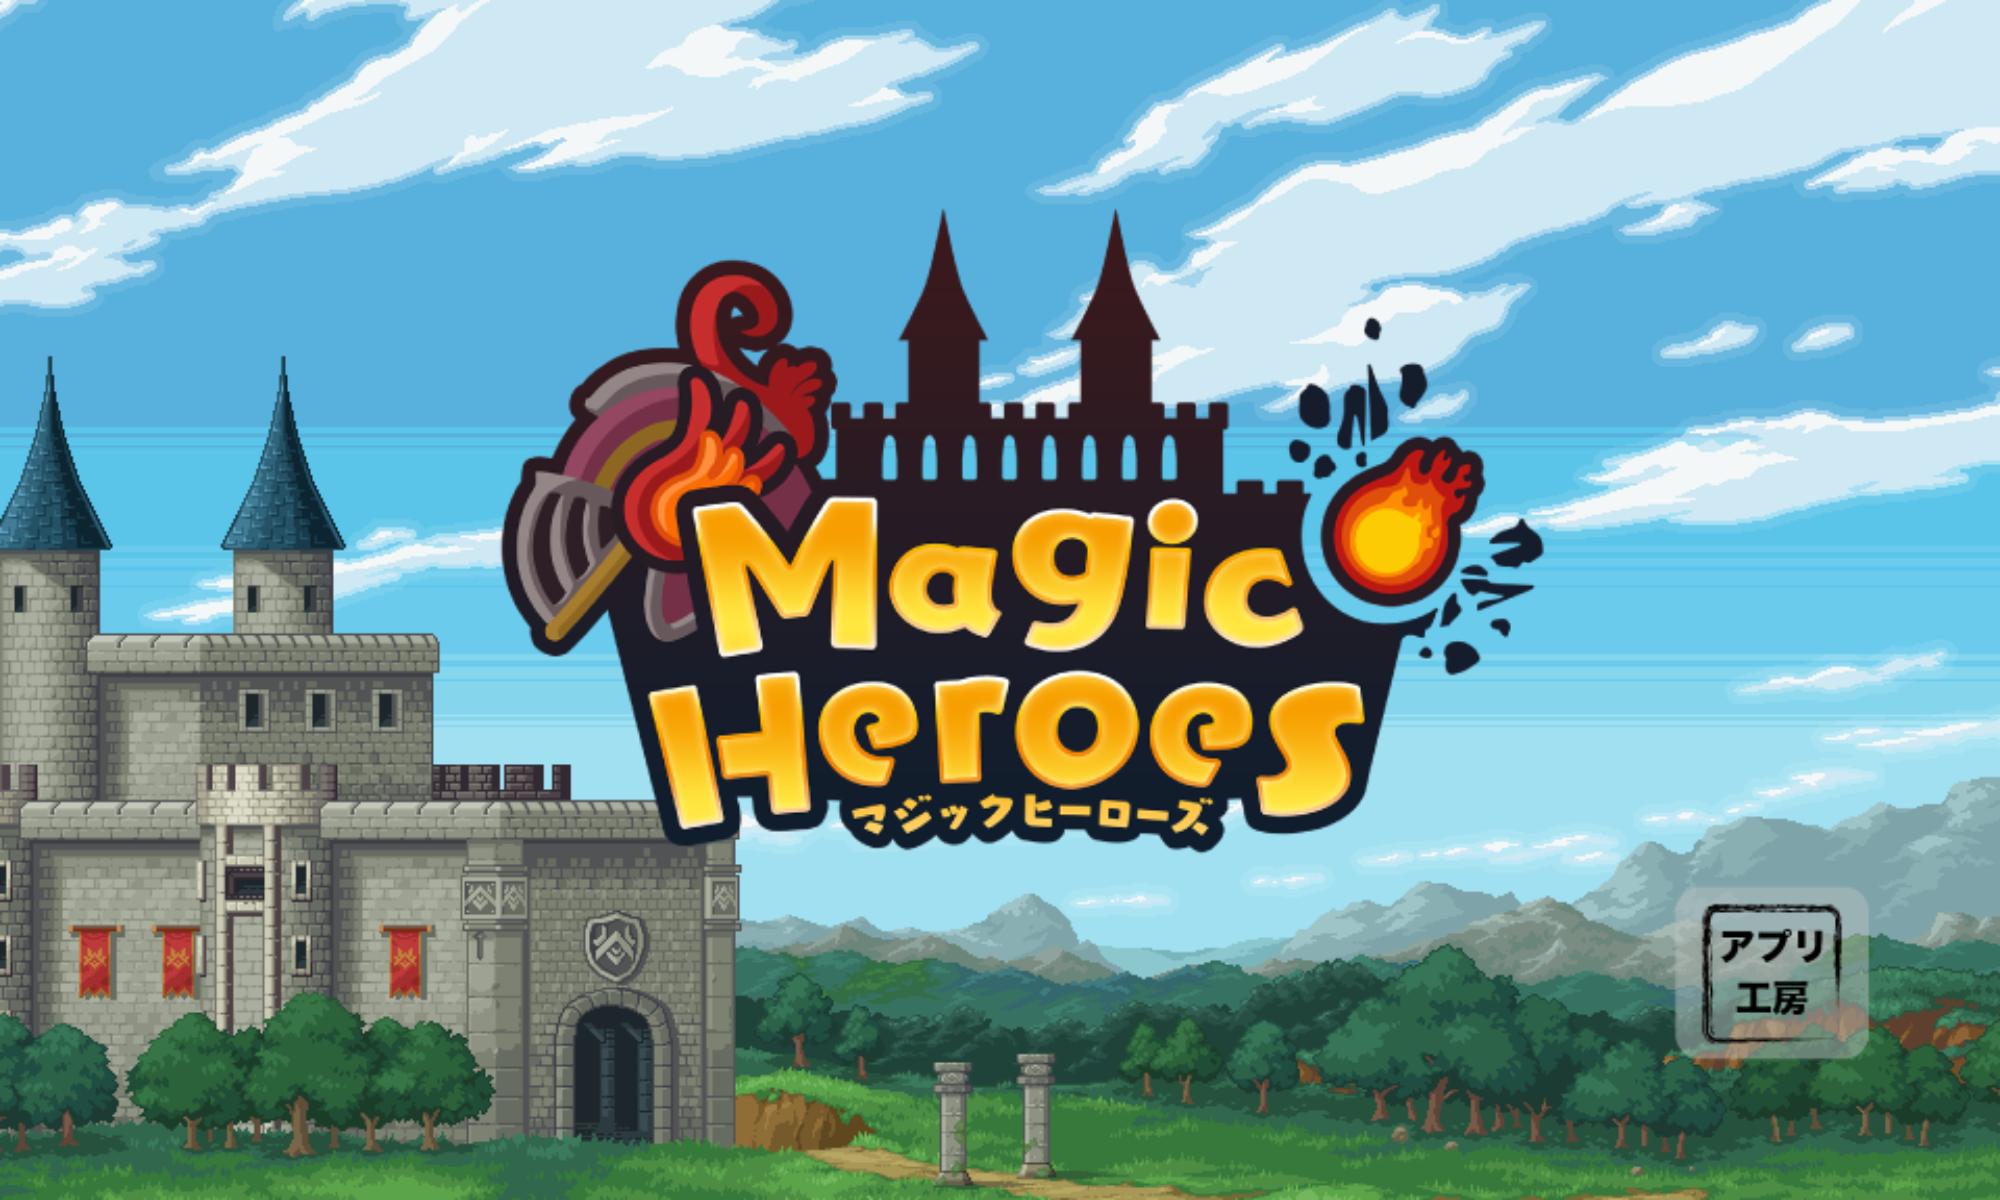 マジックヒーローズ -Magic Heroes-